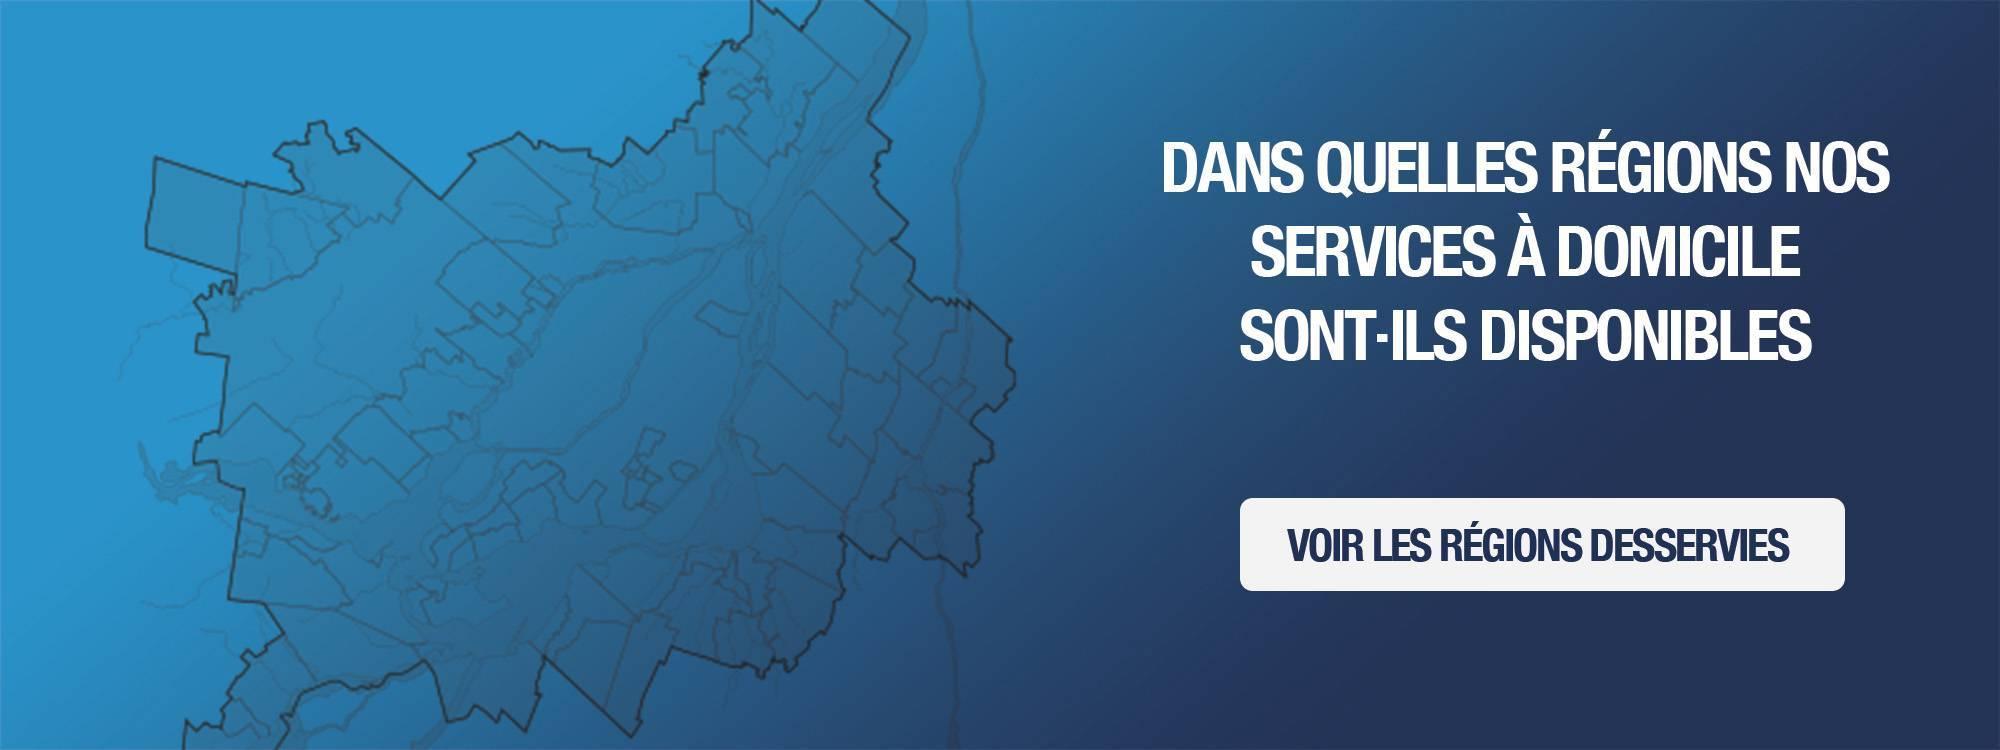 regions-desservies-2